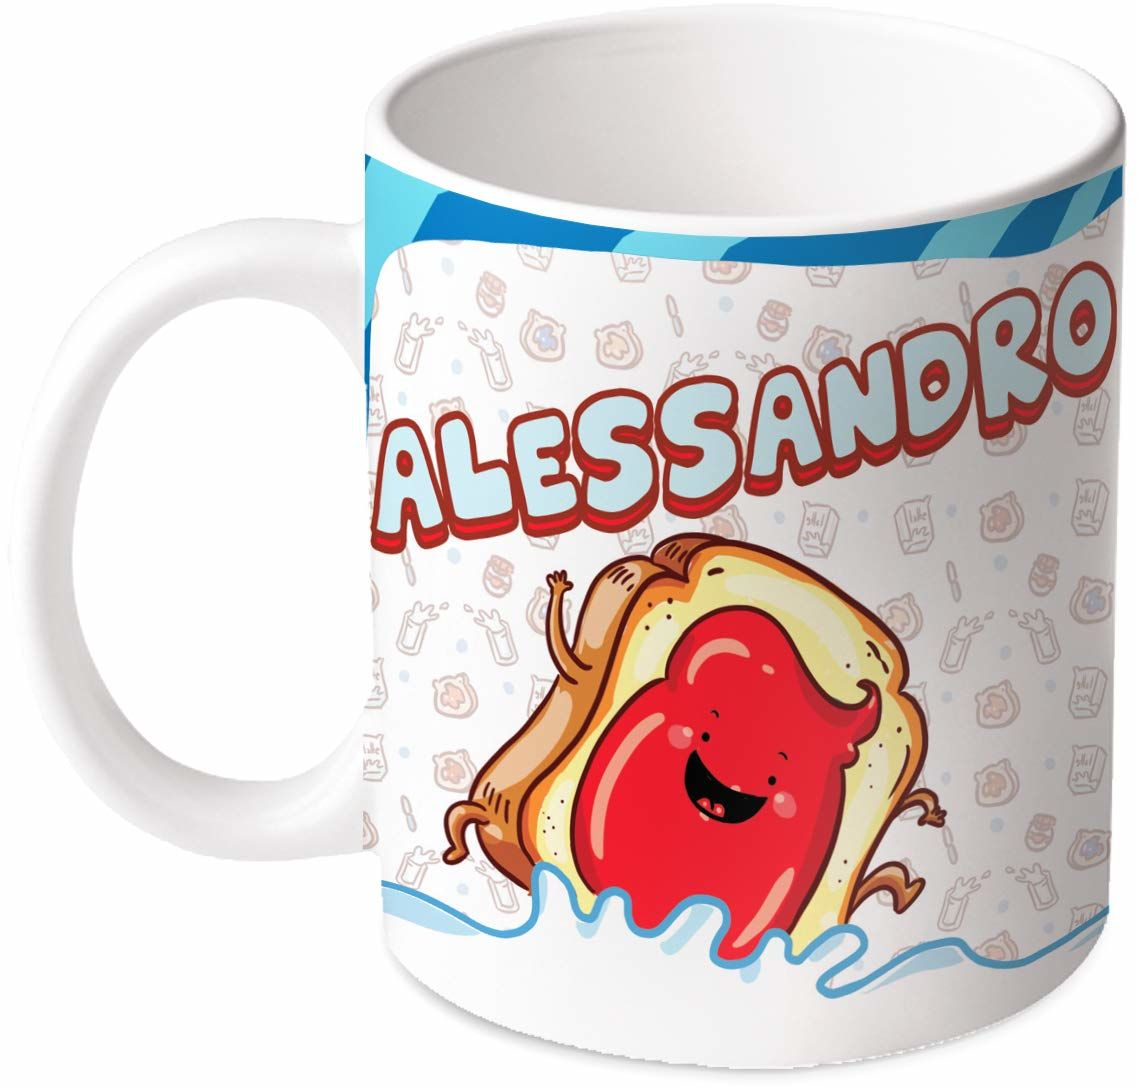 M.M. Group Filiżanka z imieniem i znaczeniem Alessandro, 30 ml, ceramika, wielokolorowa